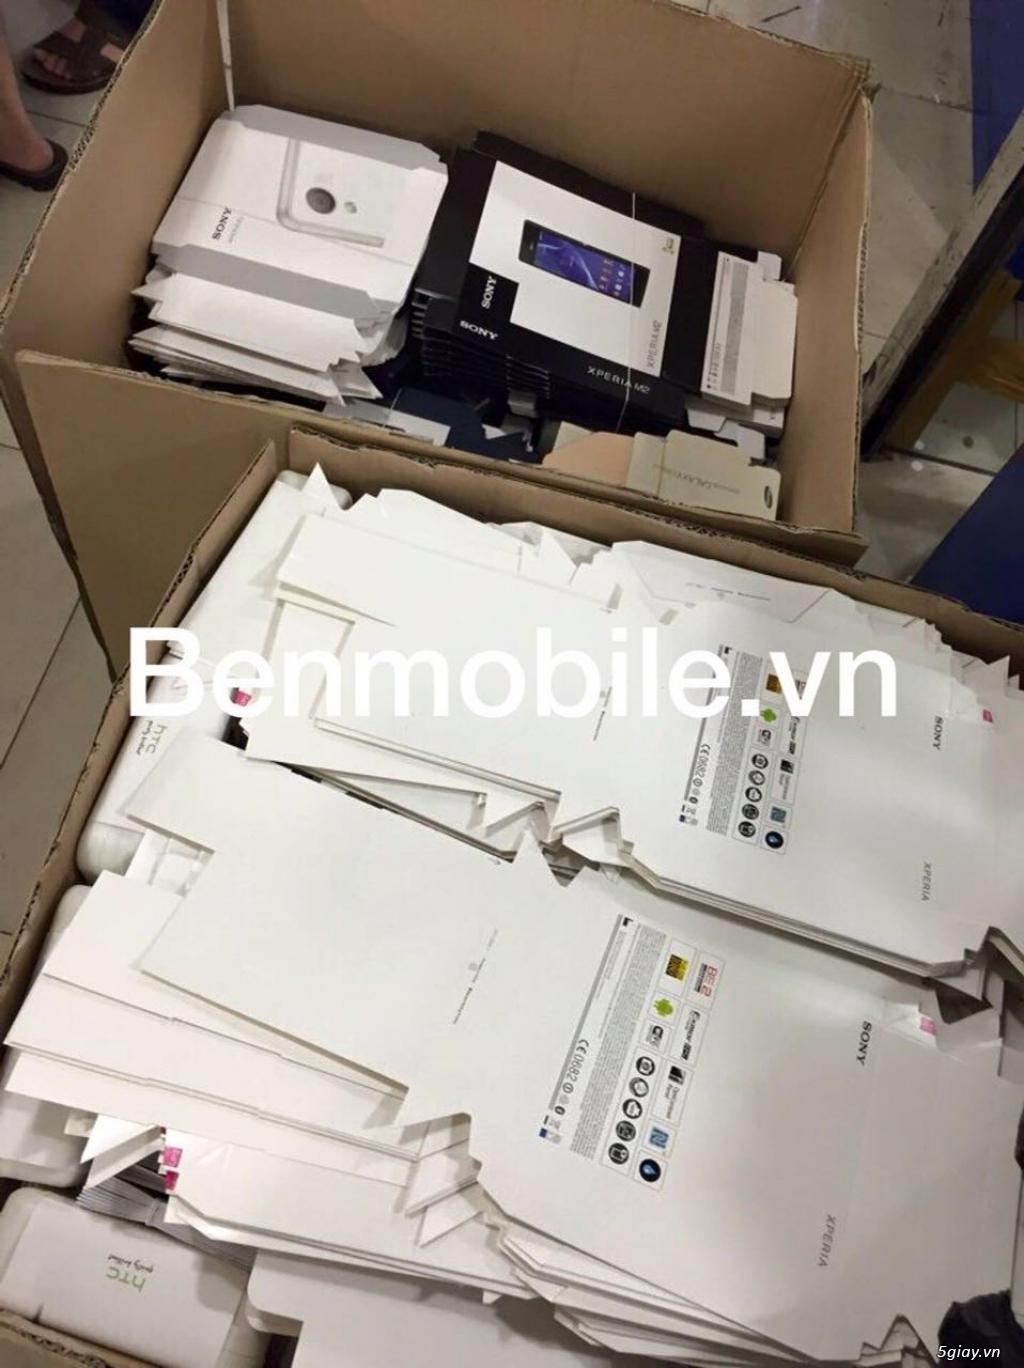 BENMOBILE Chuyên Sỉ Lẻ SMARTPHONE GIÁ TỐT NHẤT THỊ TRƯỜNG!!! IPHONE-IPAD-SAMSUNG-LG-HTC-SONY - 34